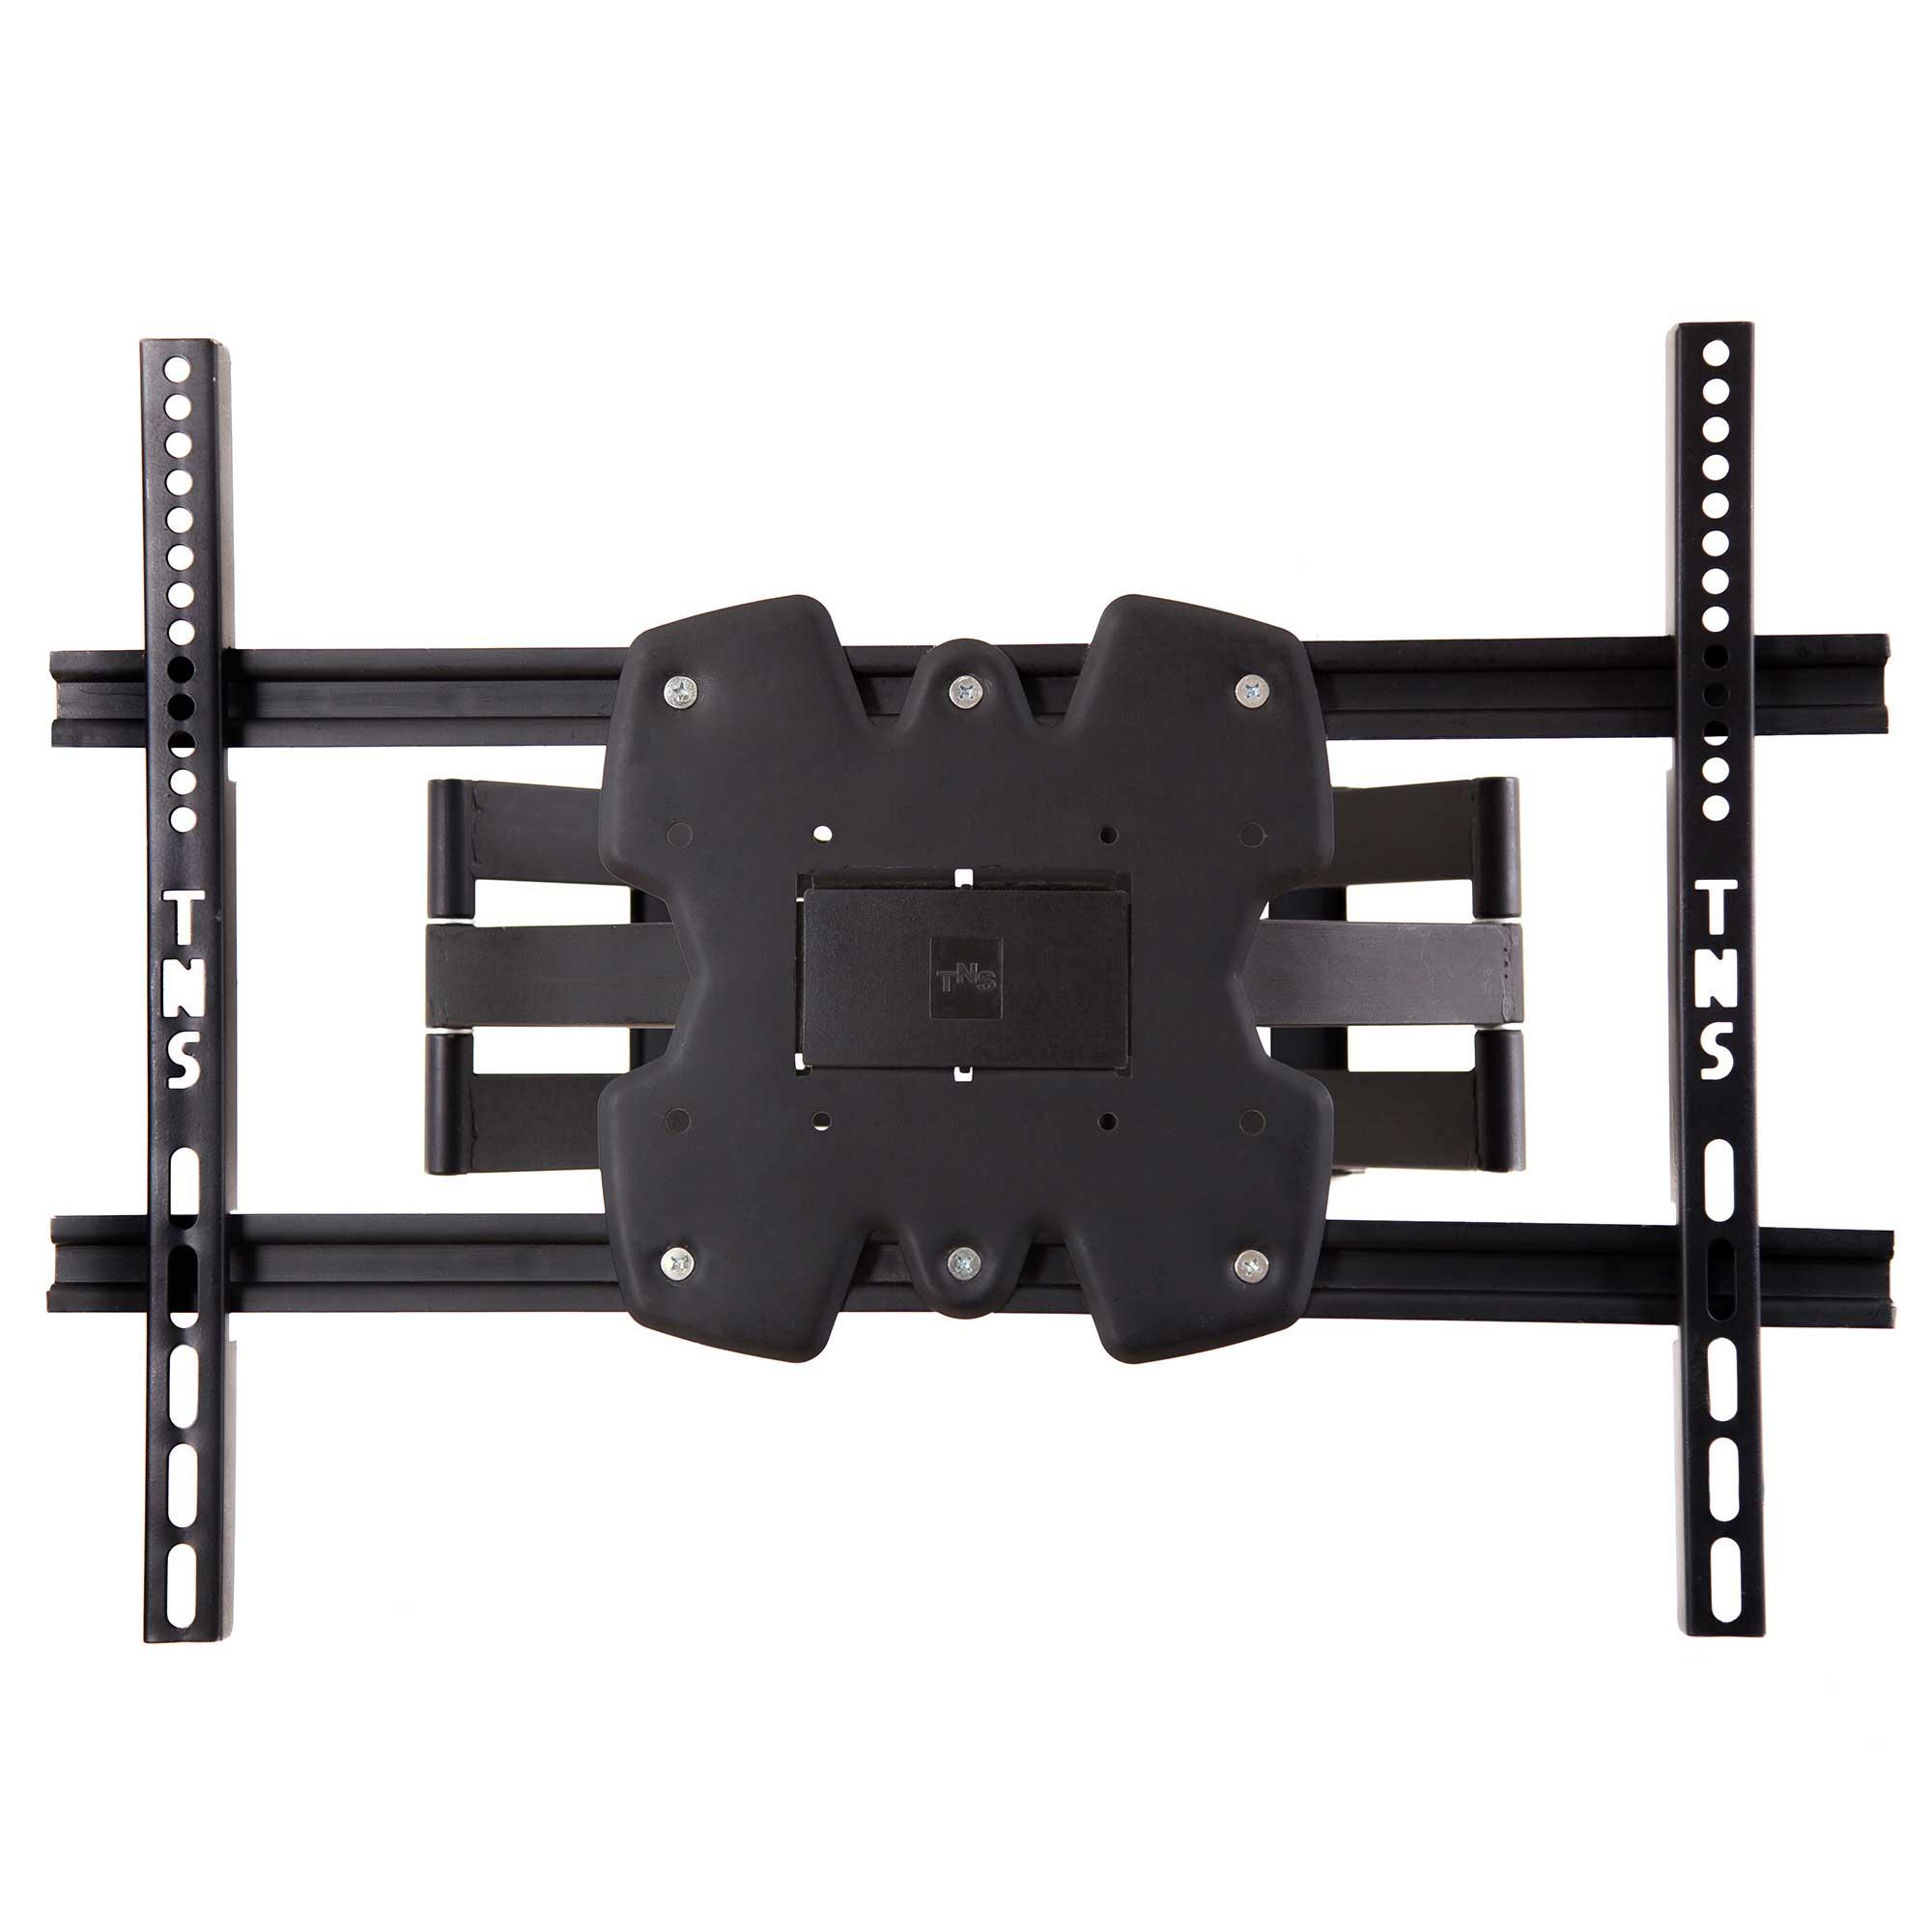 پایه دیواری TNS مدل BT WM 05 بازودار و مناسب برای تلویزیون های 32 تا 55 اینچ